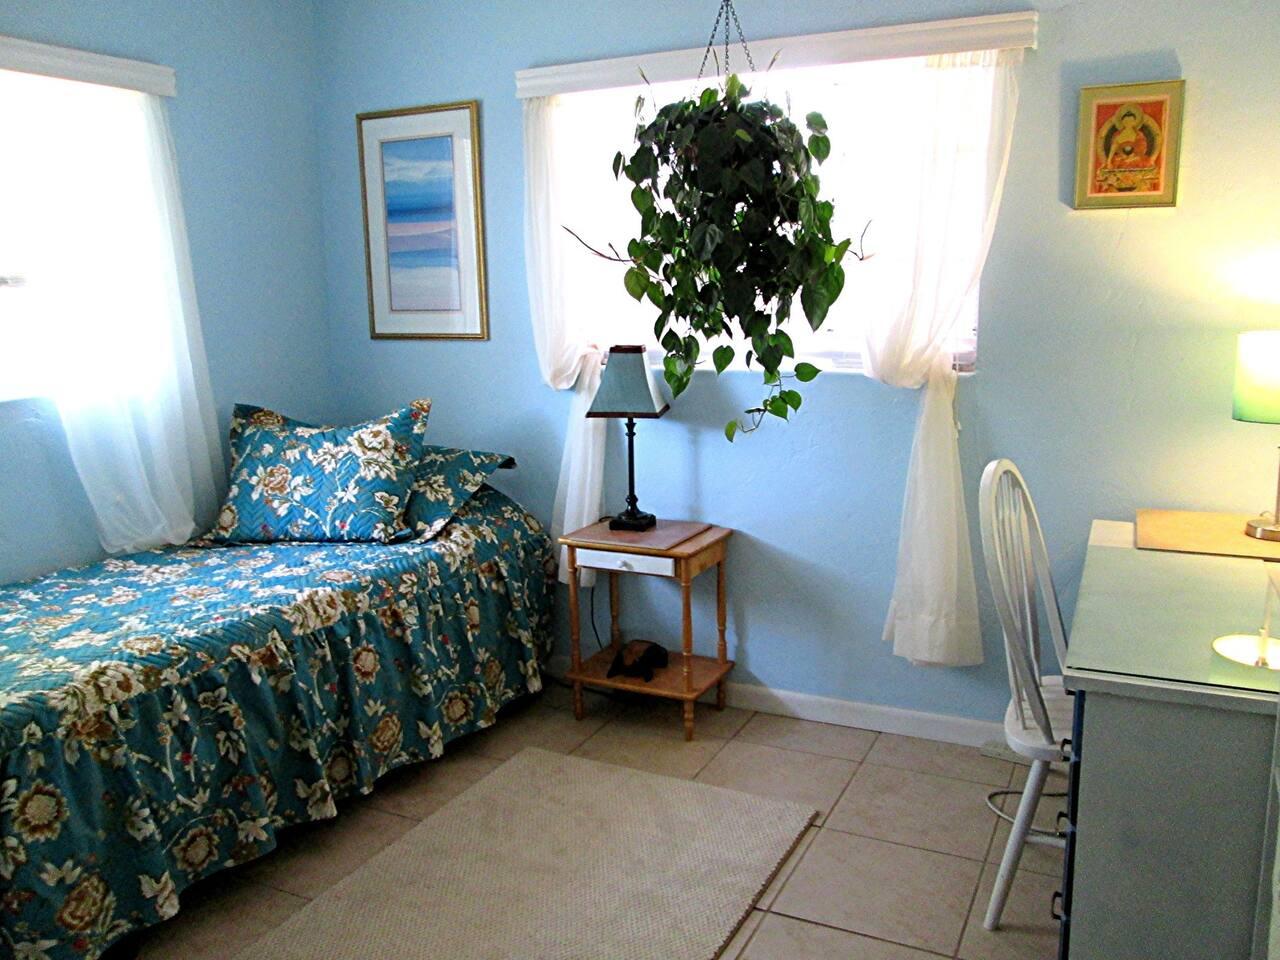 Serene room in artist's home